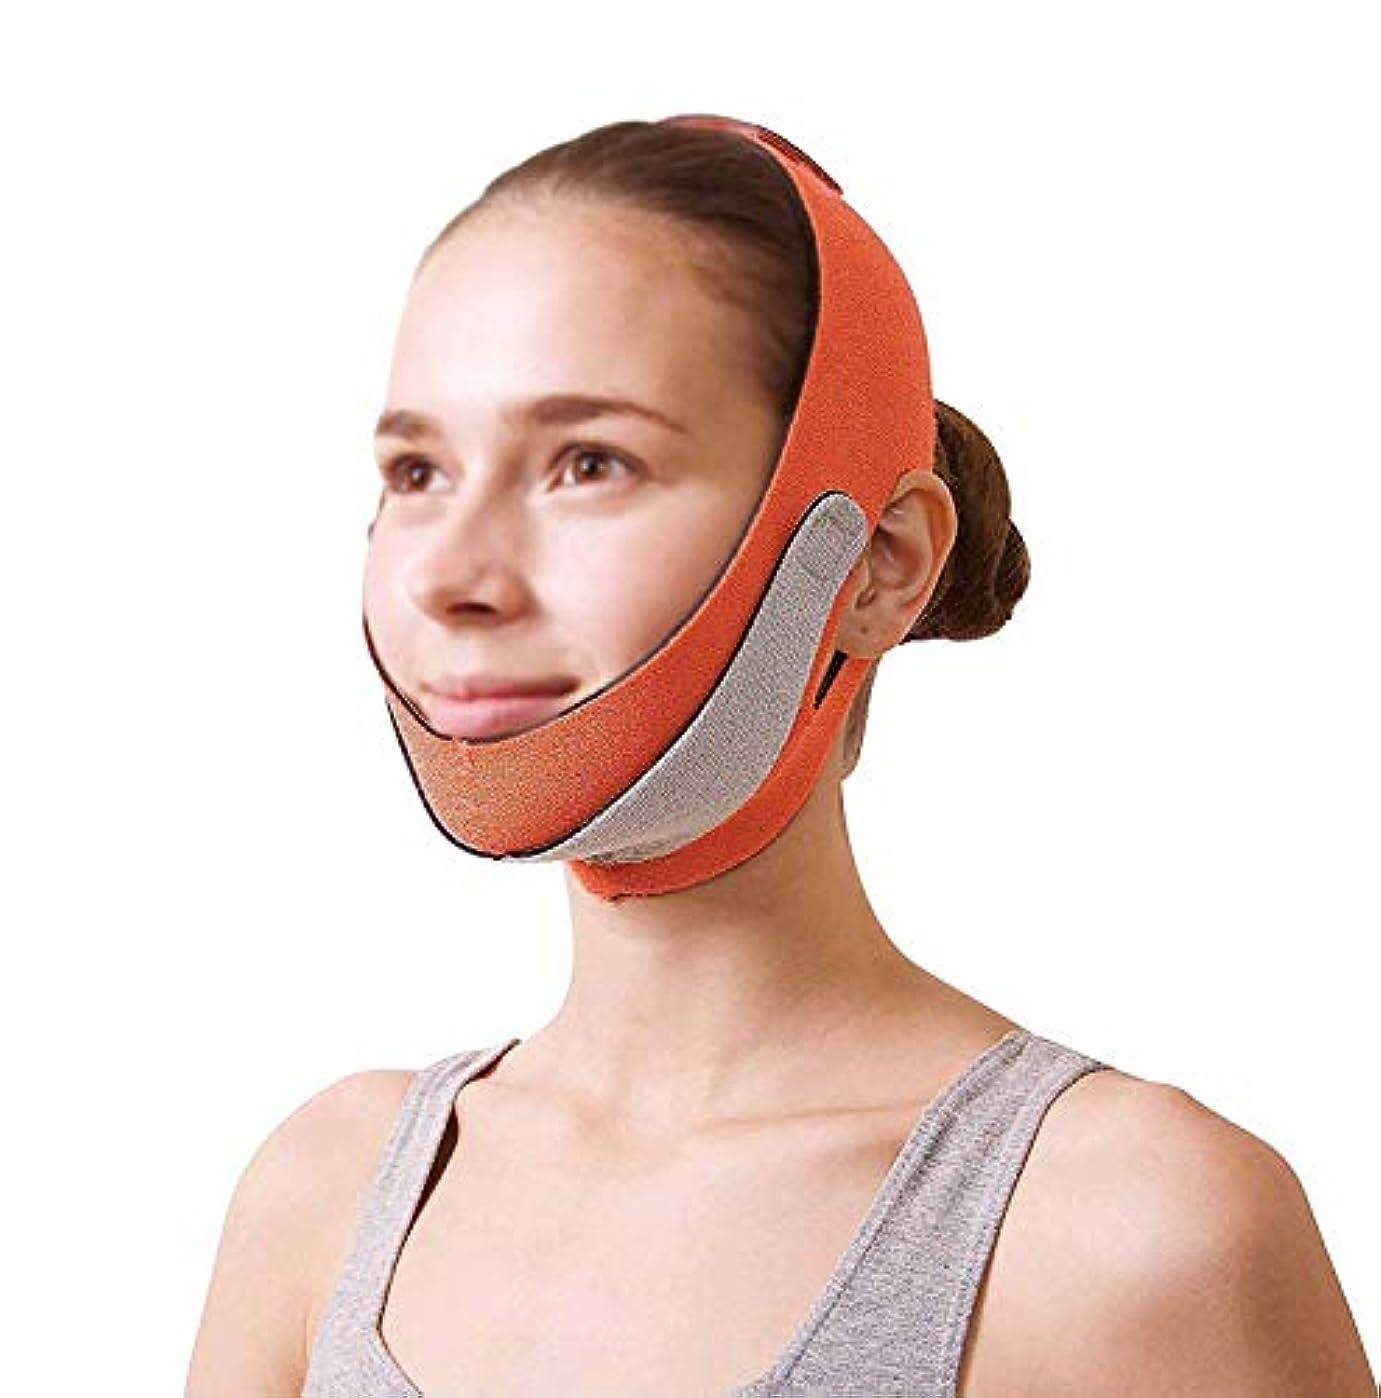 南アメリカ想起クラシカルフェイスリフトマスク、あごストラップ回復ポスト包帯ヘッドギアフェイスマスク顔薄いフェイスマスクアーティファクト美容顔と首リフトオレンジマスク